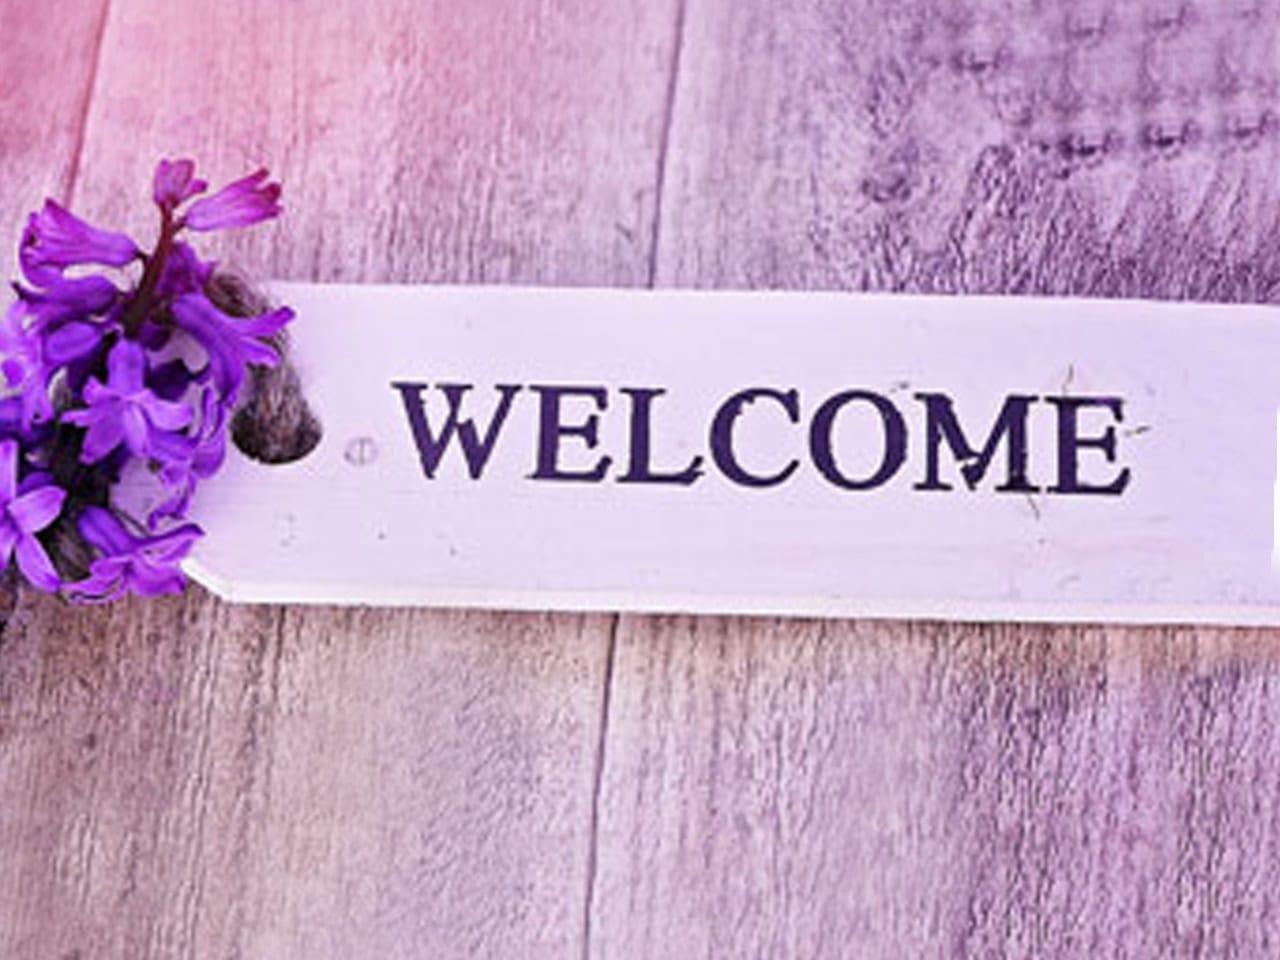 Herzlich Willkommen im Ratgeberbereich von cyclotest